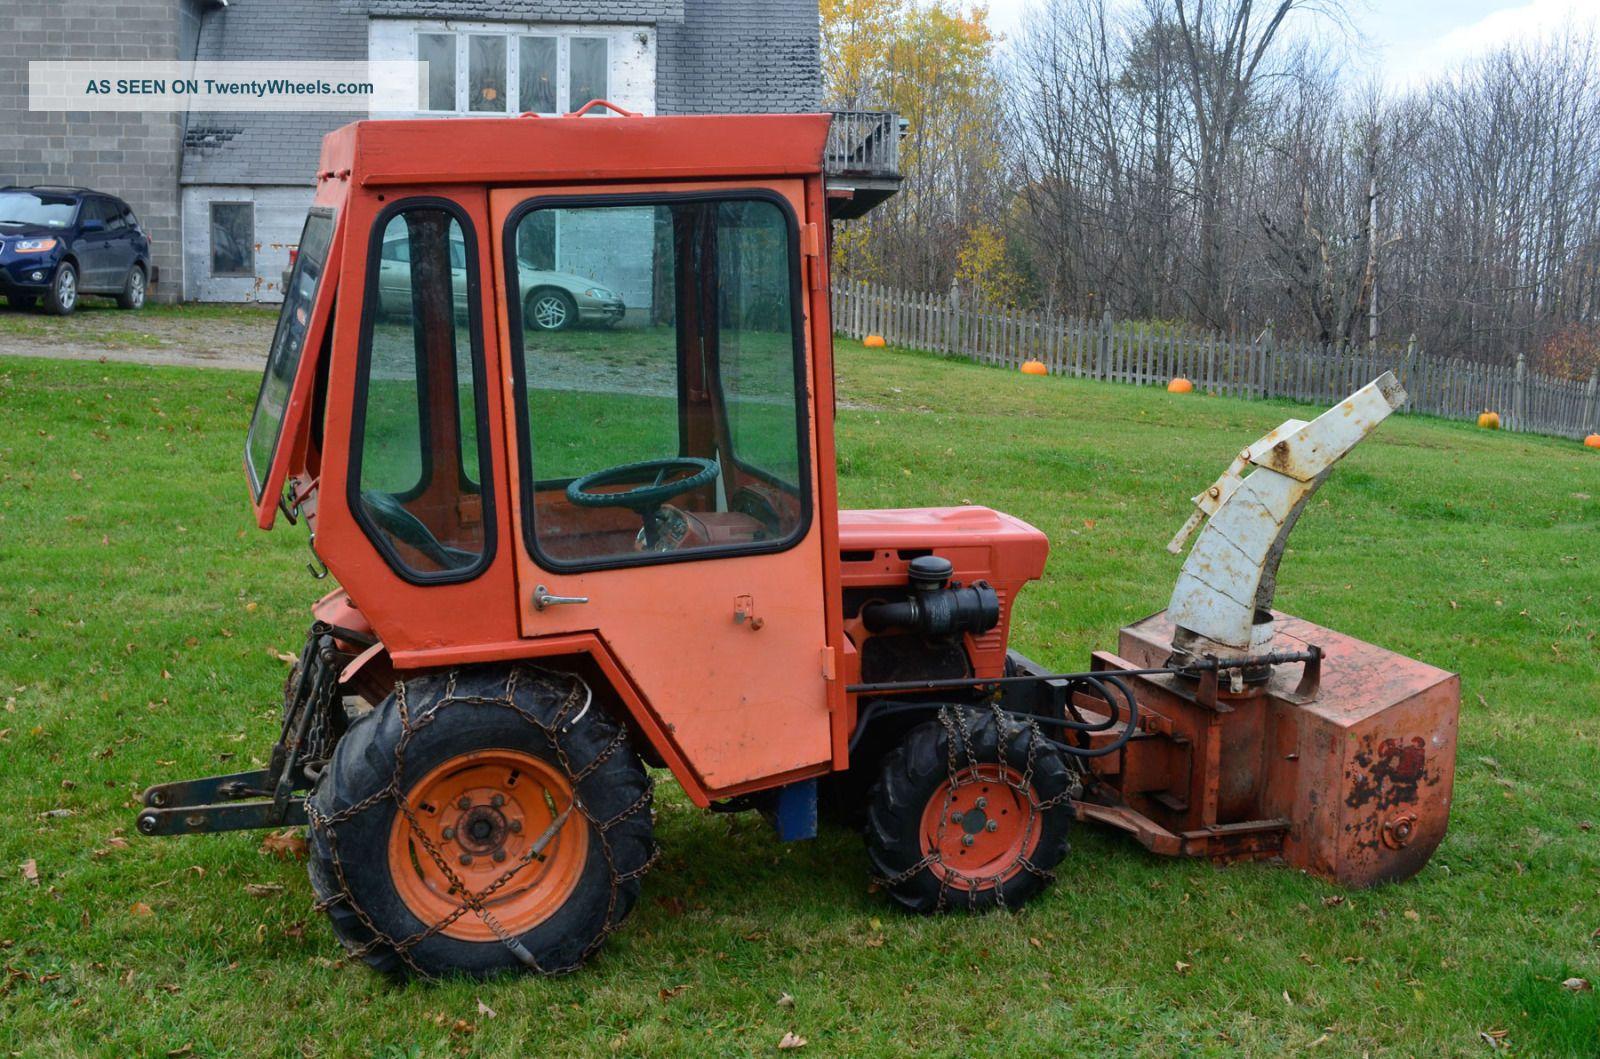 Kubota B7100 Backhoe : Kubota b wd tractor with cab snowblower